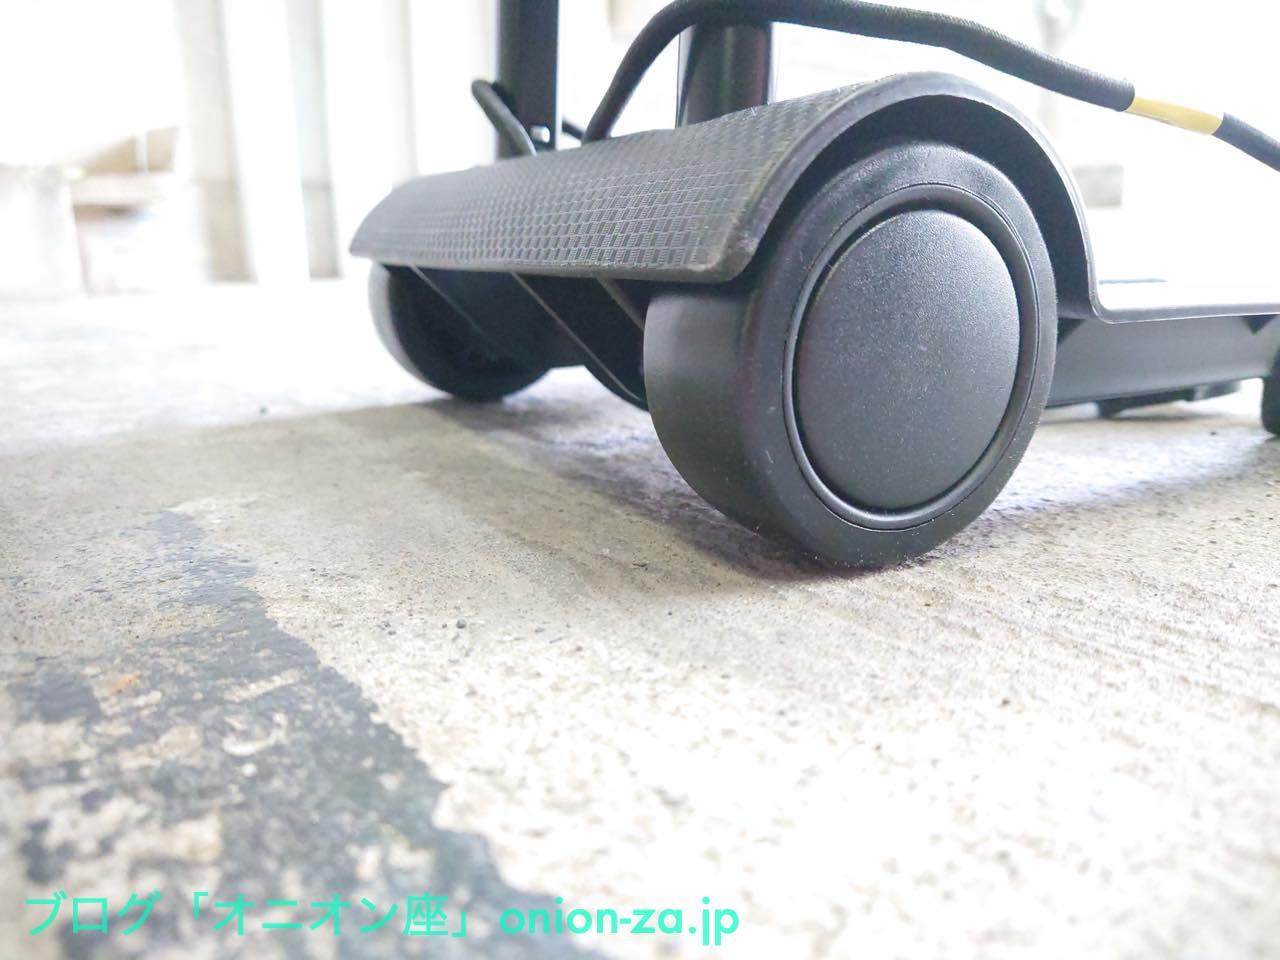 ゴムタイヤではないのだが、軸受けの設計が優れているのかして滑りは充分。